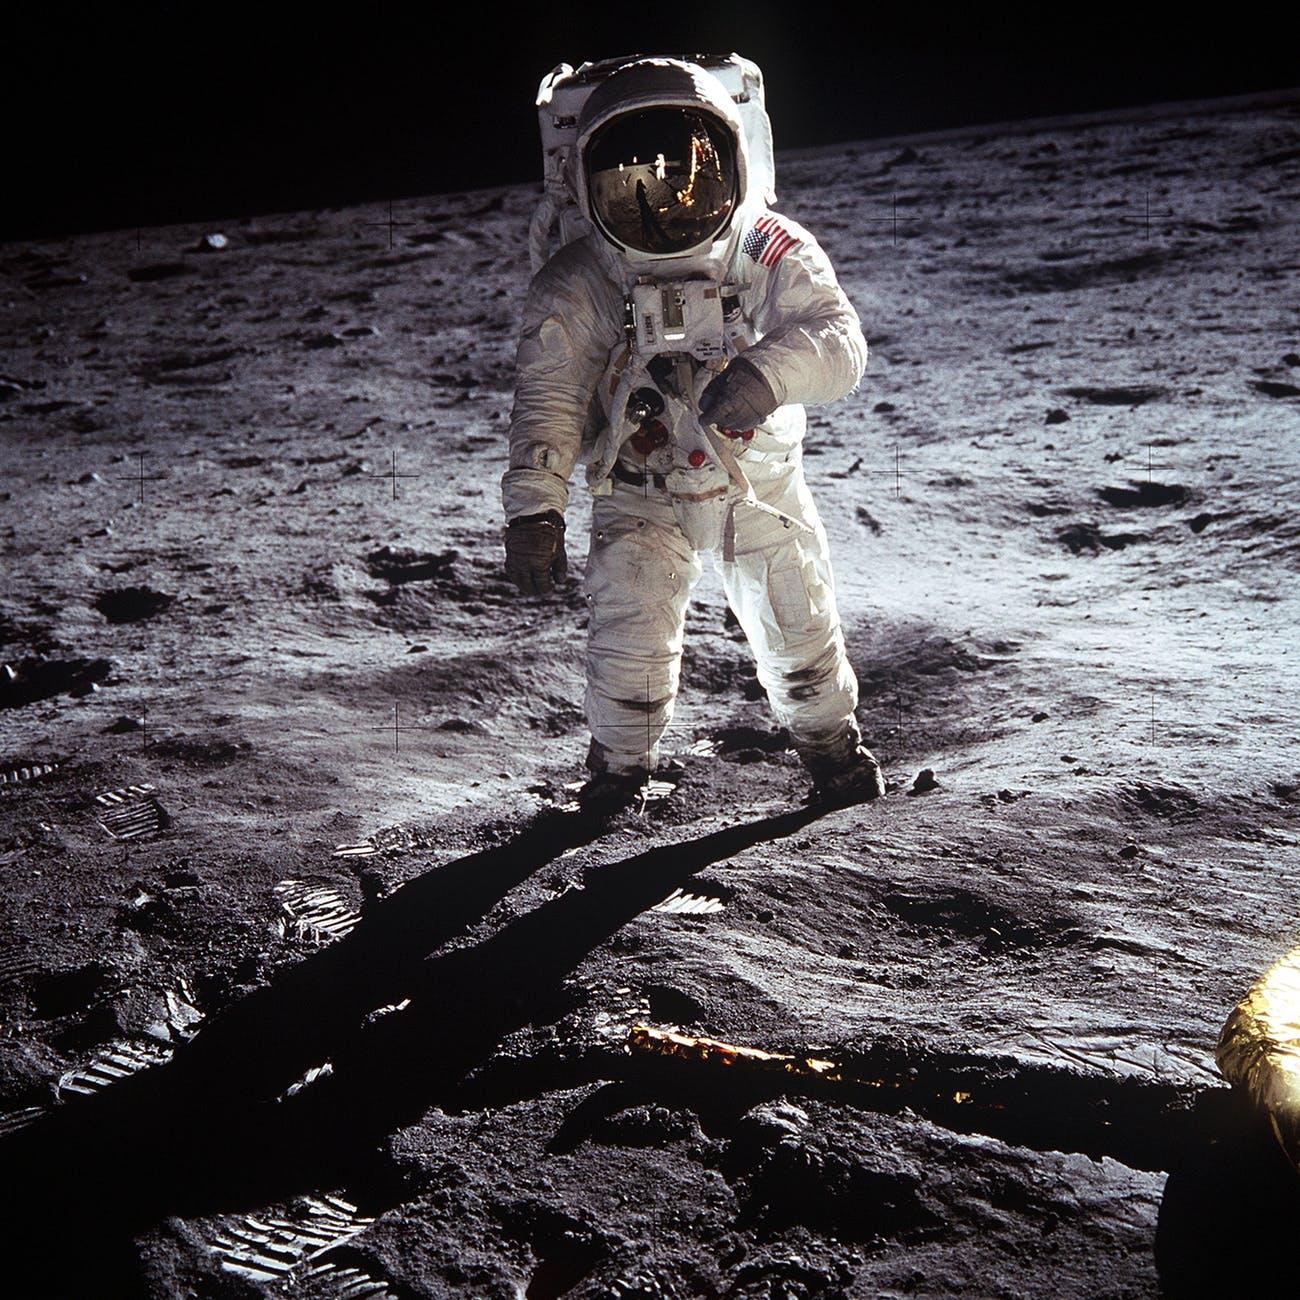 ¿Por qué no han vuelto astronautas a la Luna?